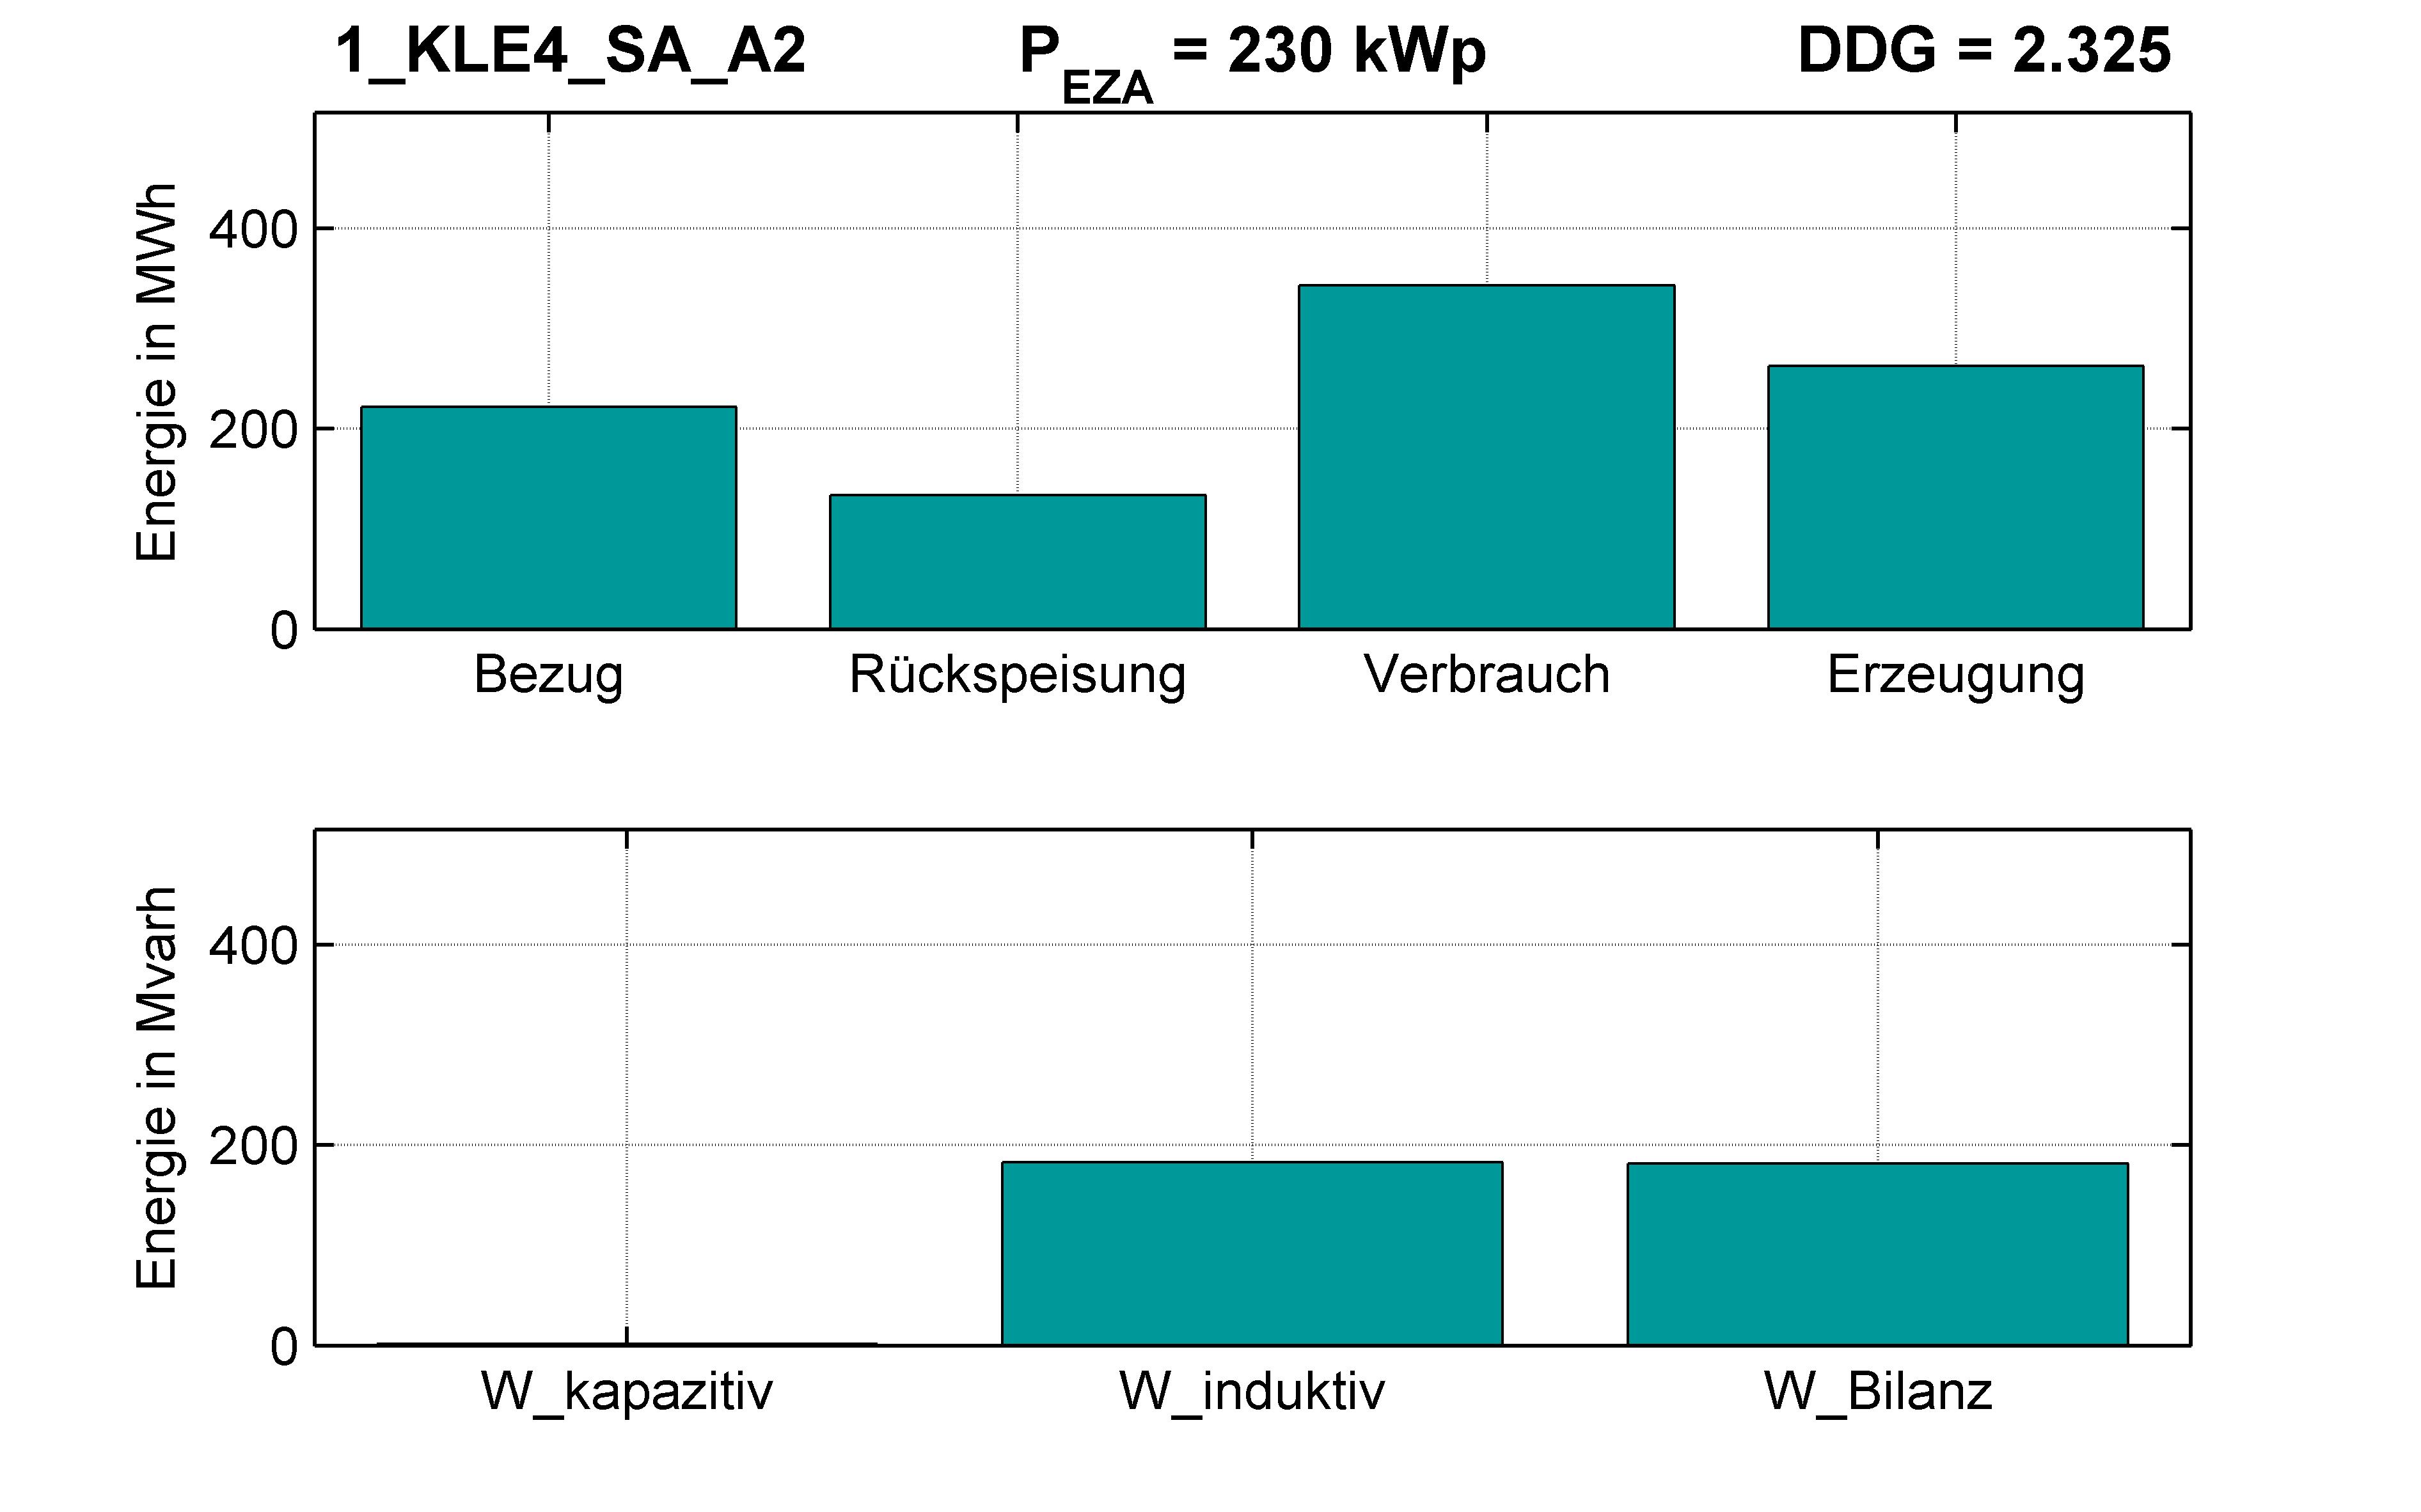 KLE4 | KABEL (SA) A2 | PQ-Bilanz